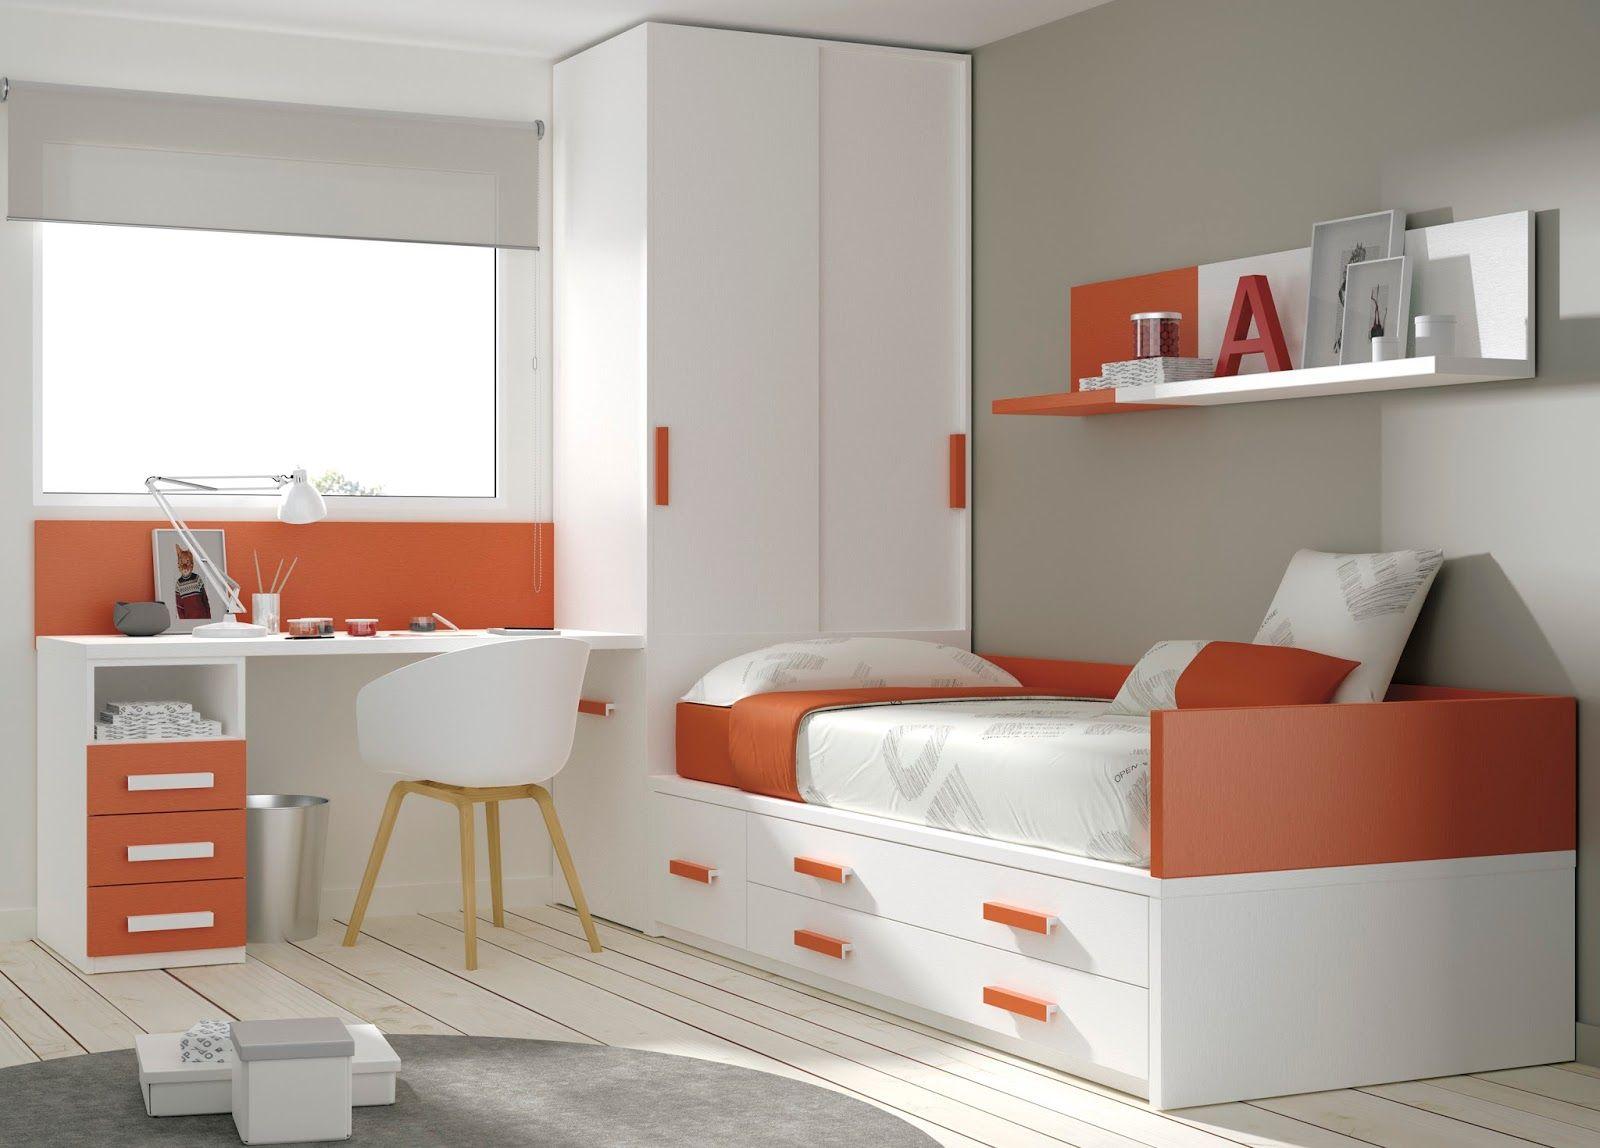 Muebles ros english blog luka muebles dormitorio for Muebles pepe jesus dormitorios juveniles